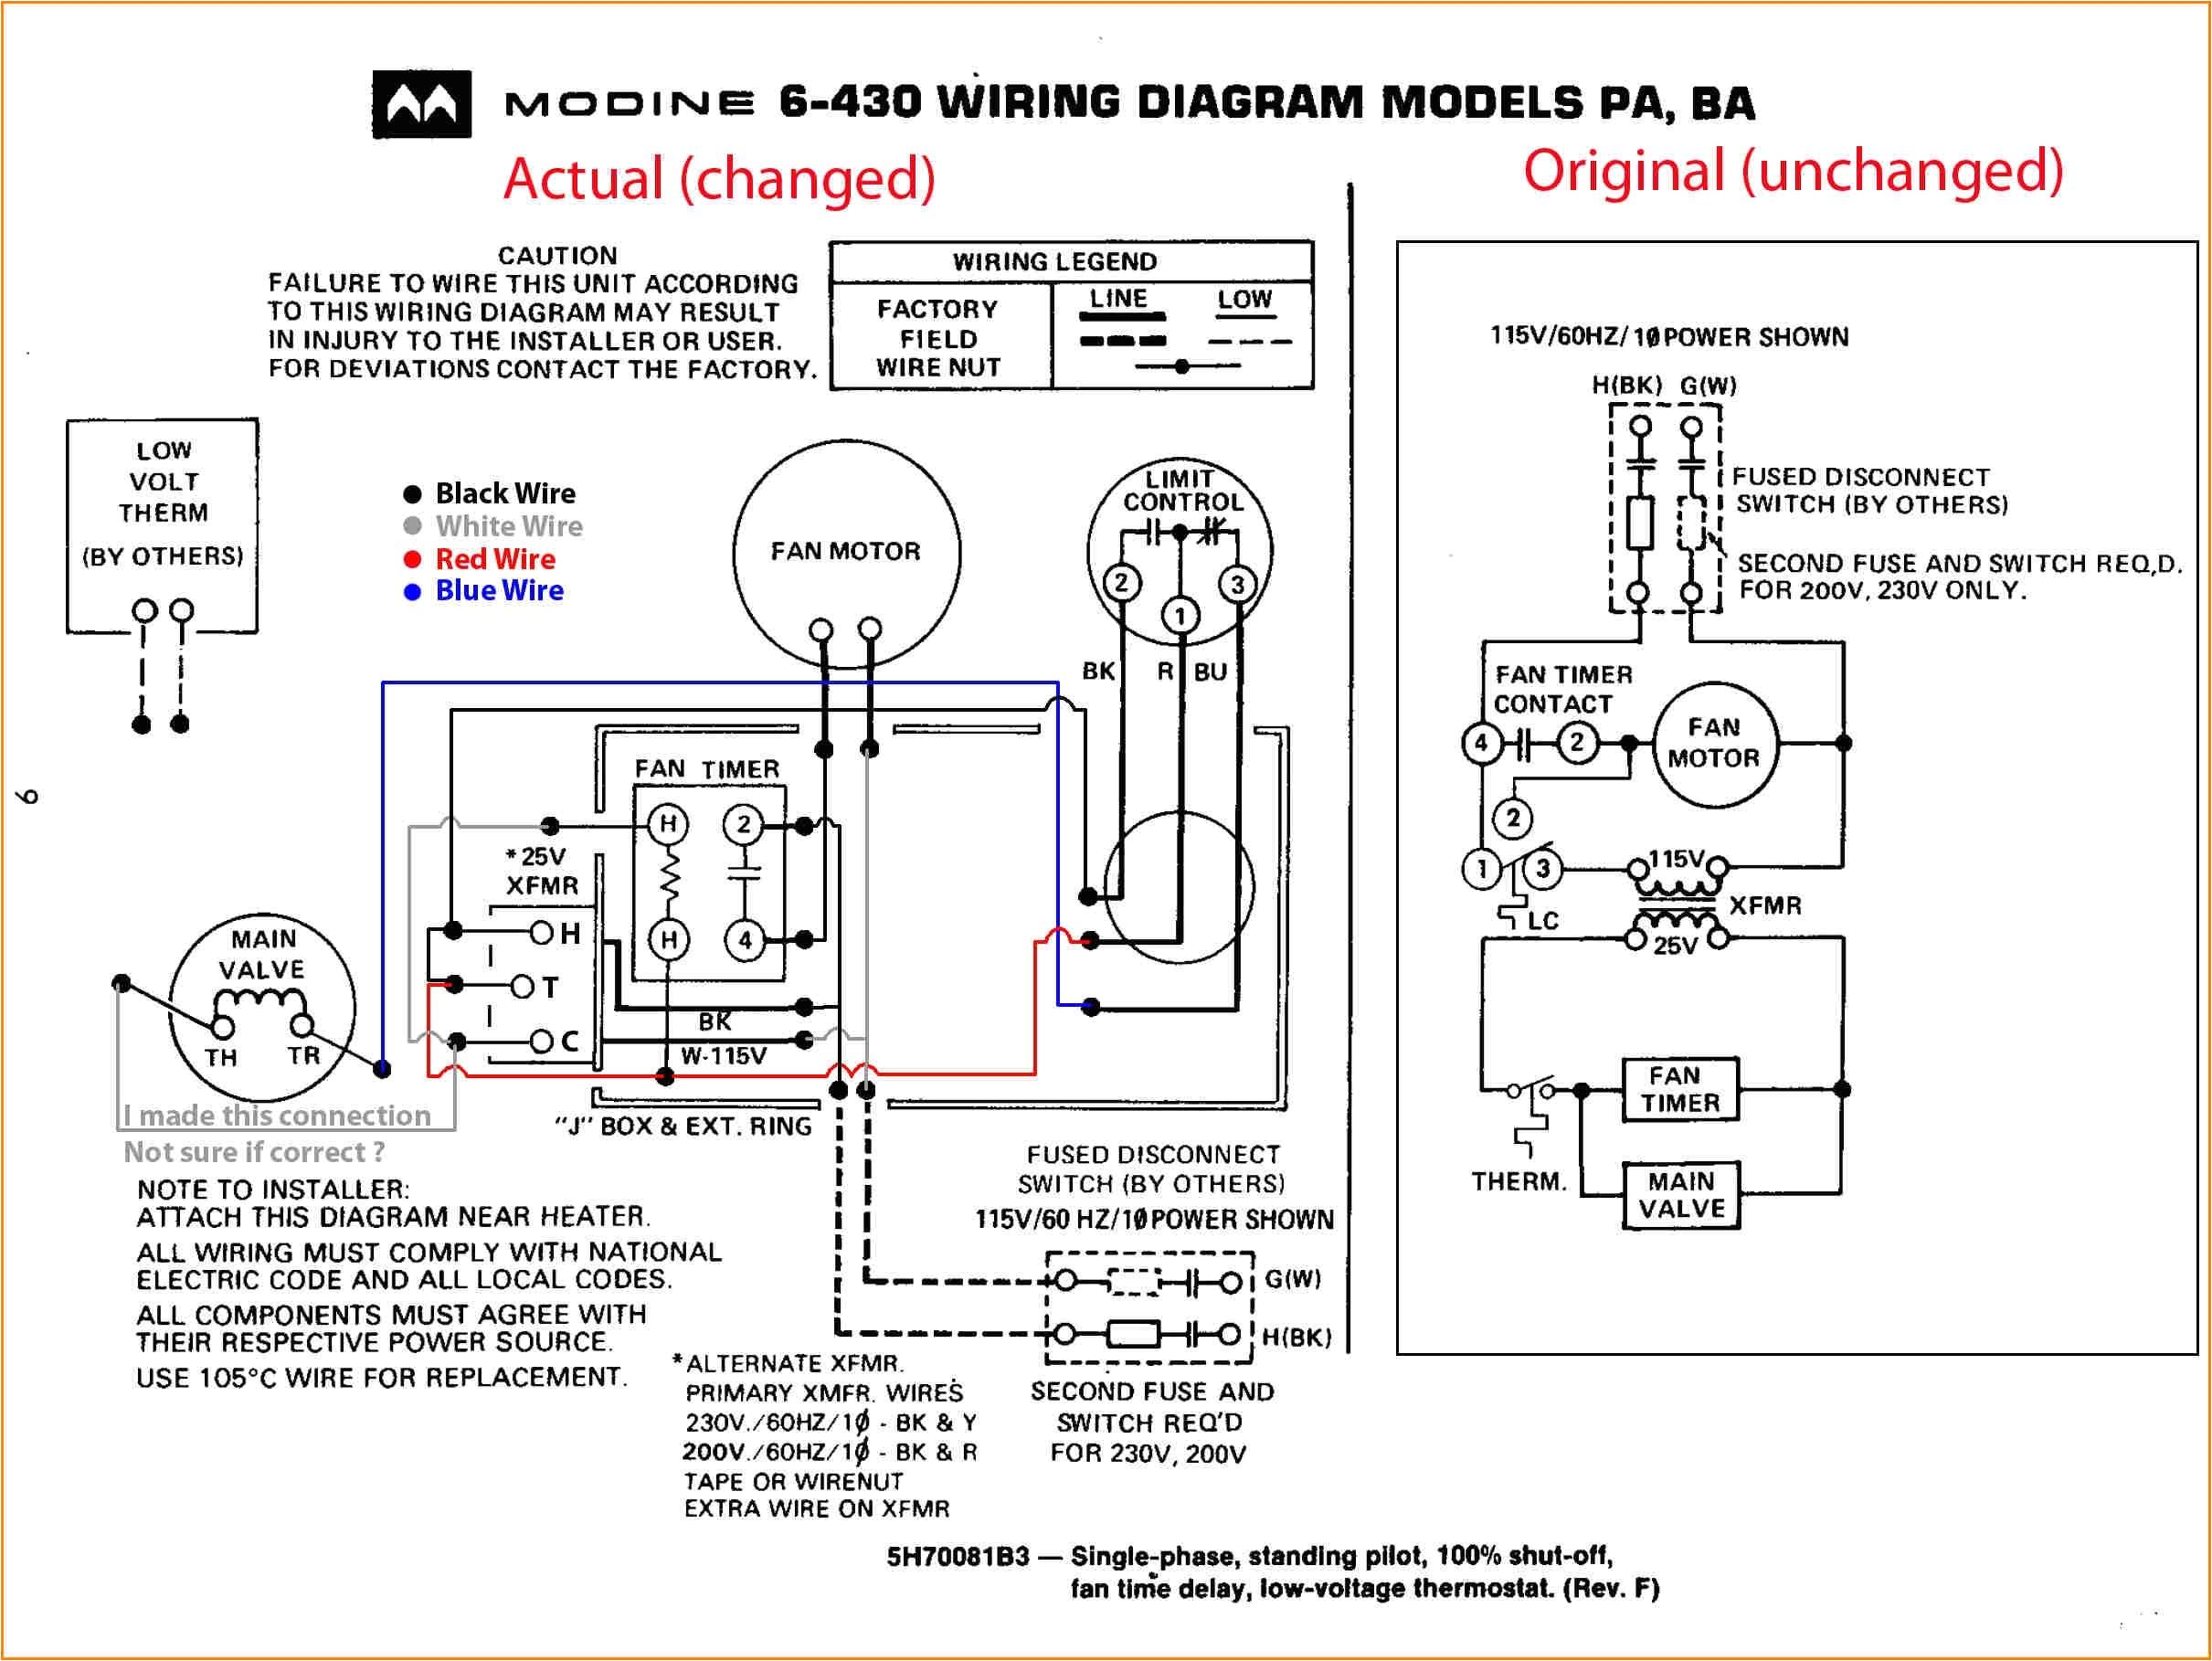 goodman blower motor wiring diagram ge furnace blower motor wiring diagram ge furnace blower motor wiring diagram goodman electric furnace 8f jpg